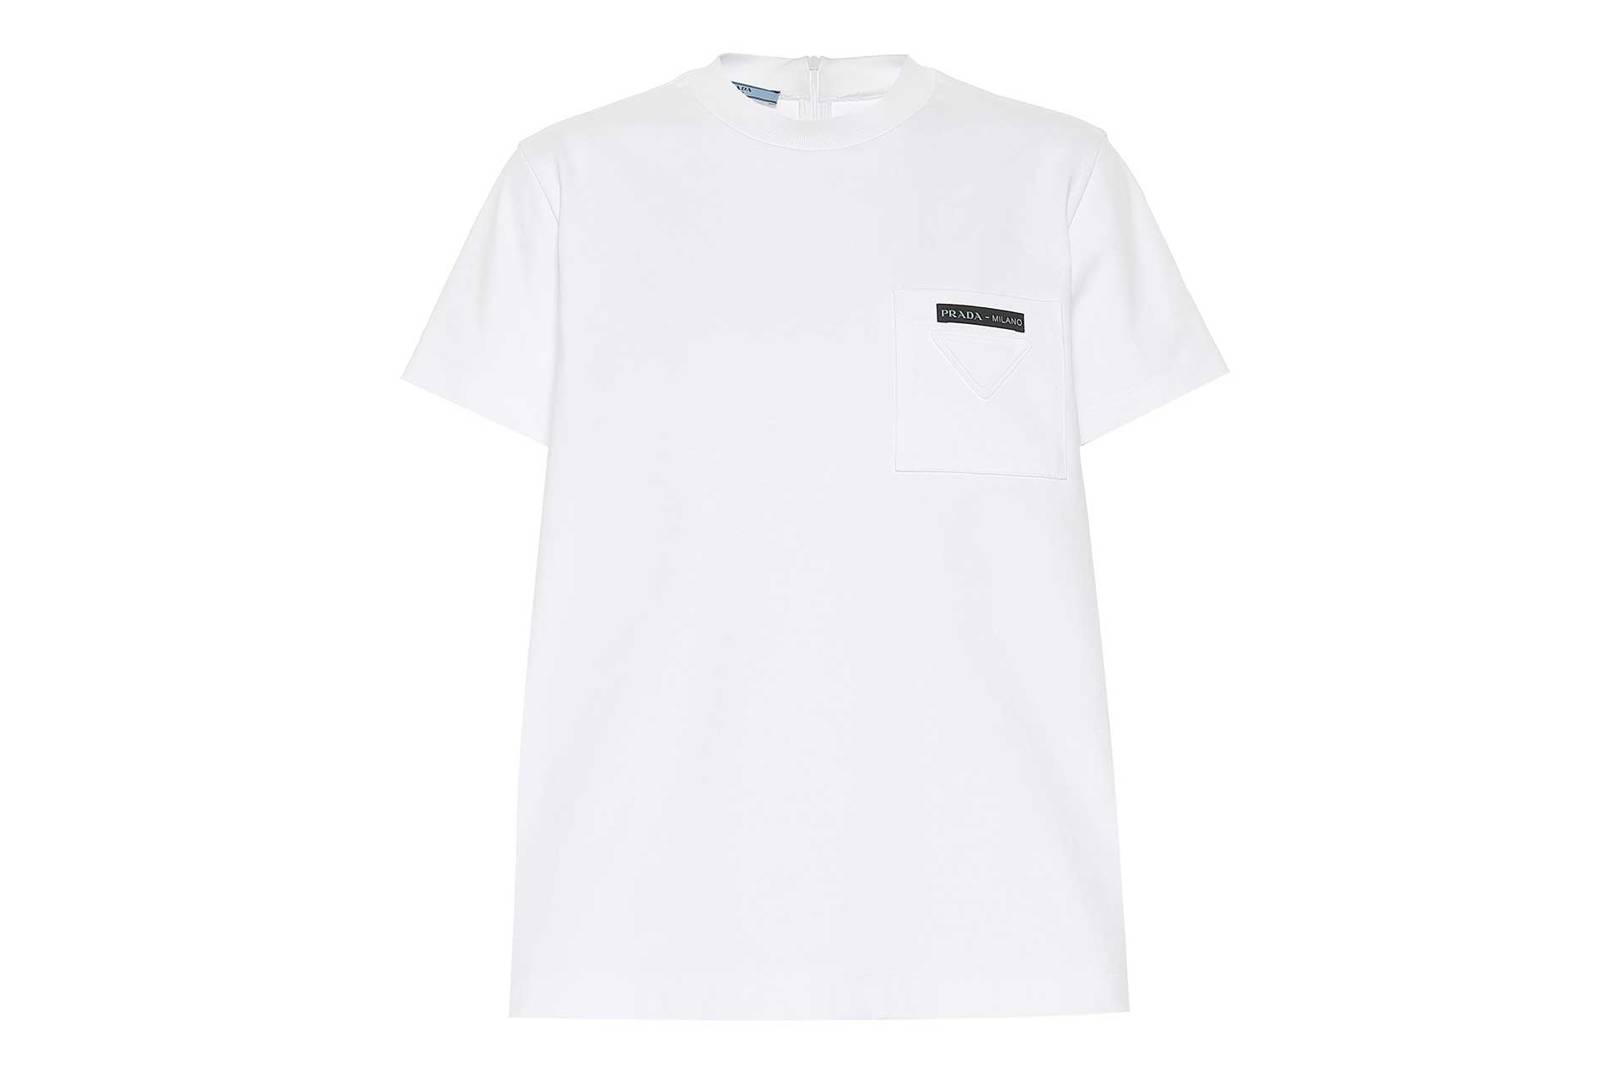 cba56a05 Plain V Neck T Shirts Ladies - DREAMWORKS